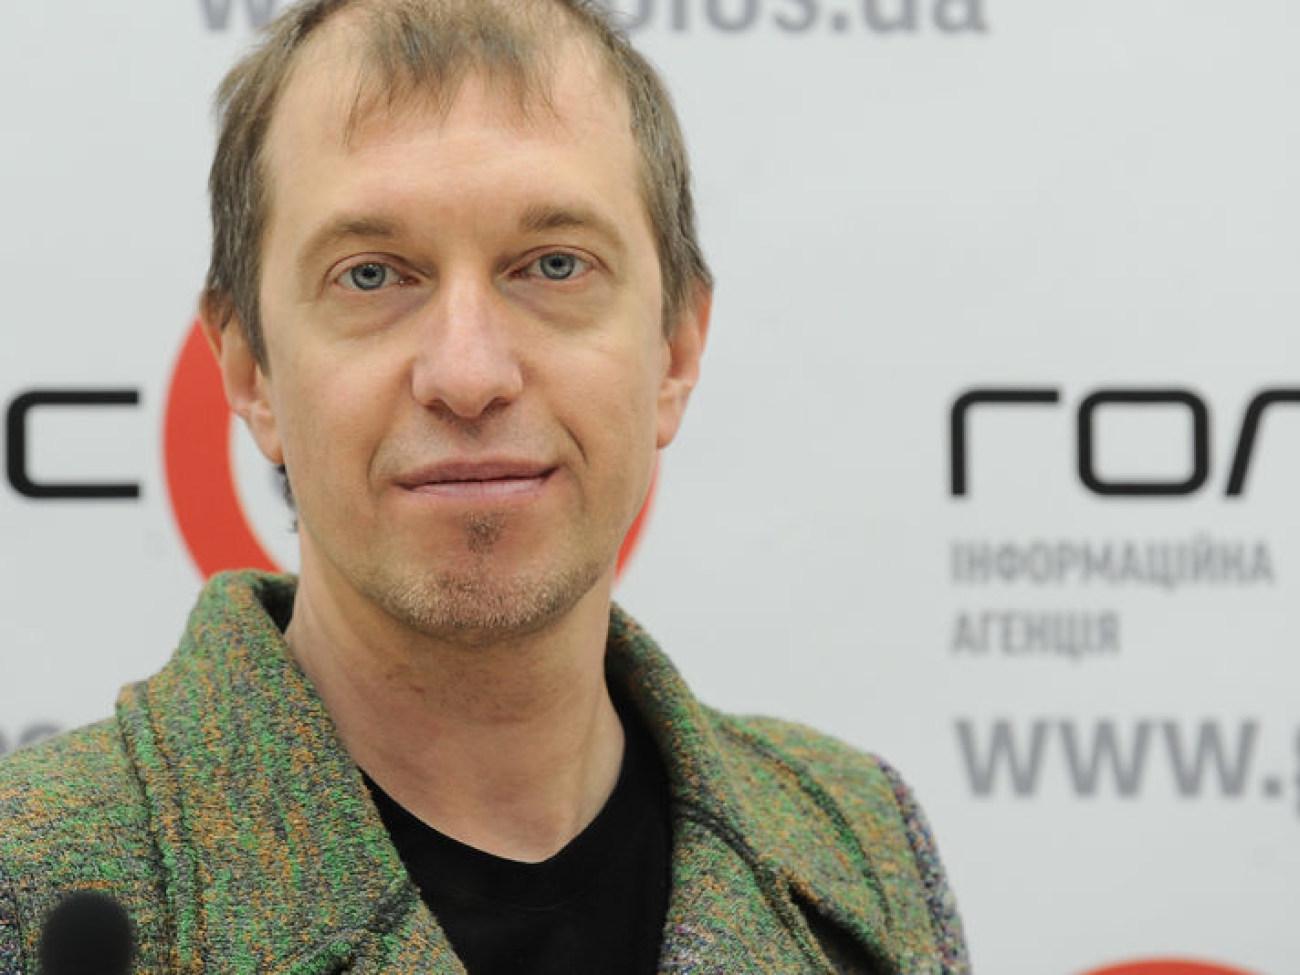 Сергей Соседов уверен, что Наташе Королевой не избежать позора из-за внебрачного ребенка